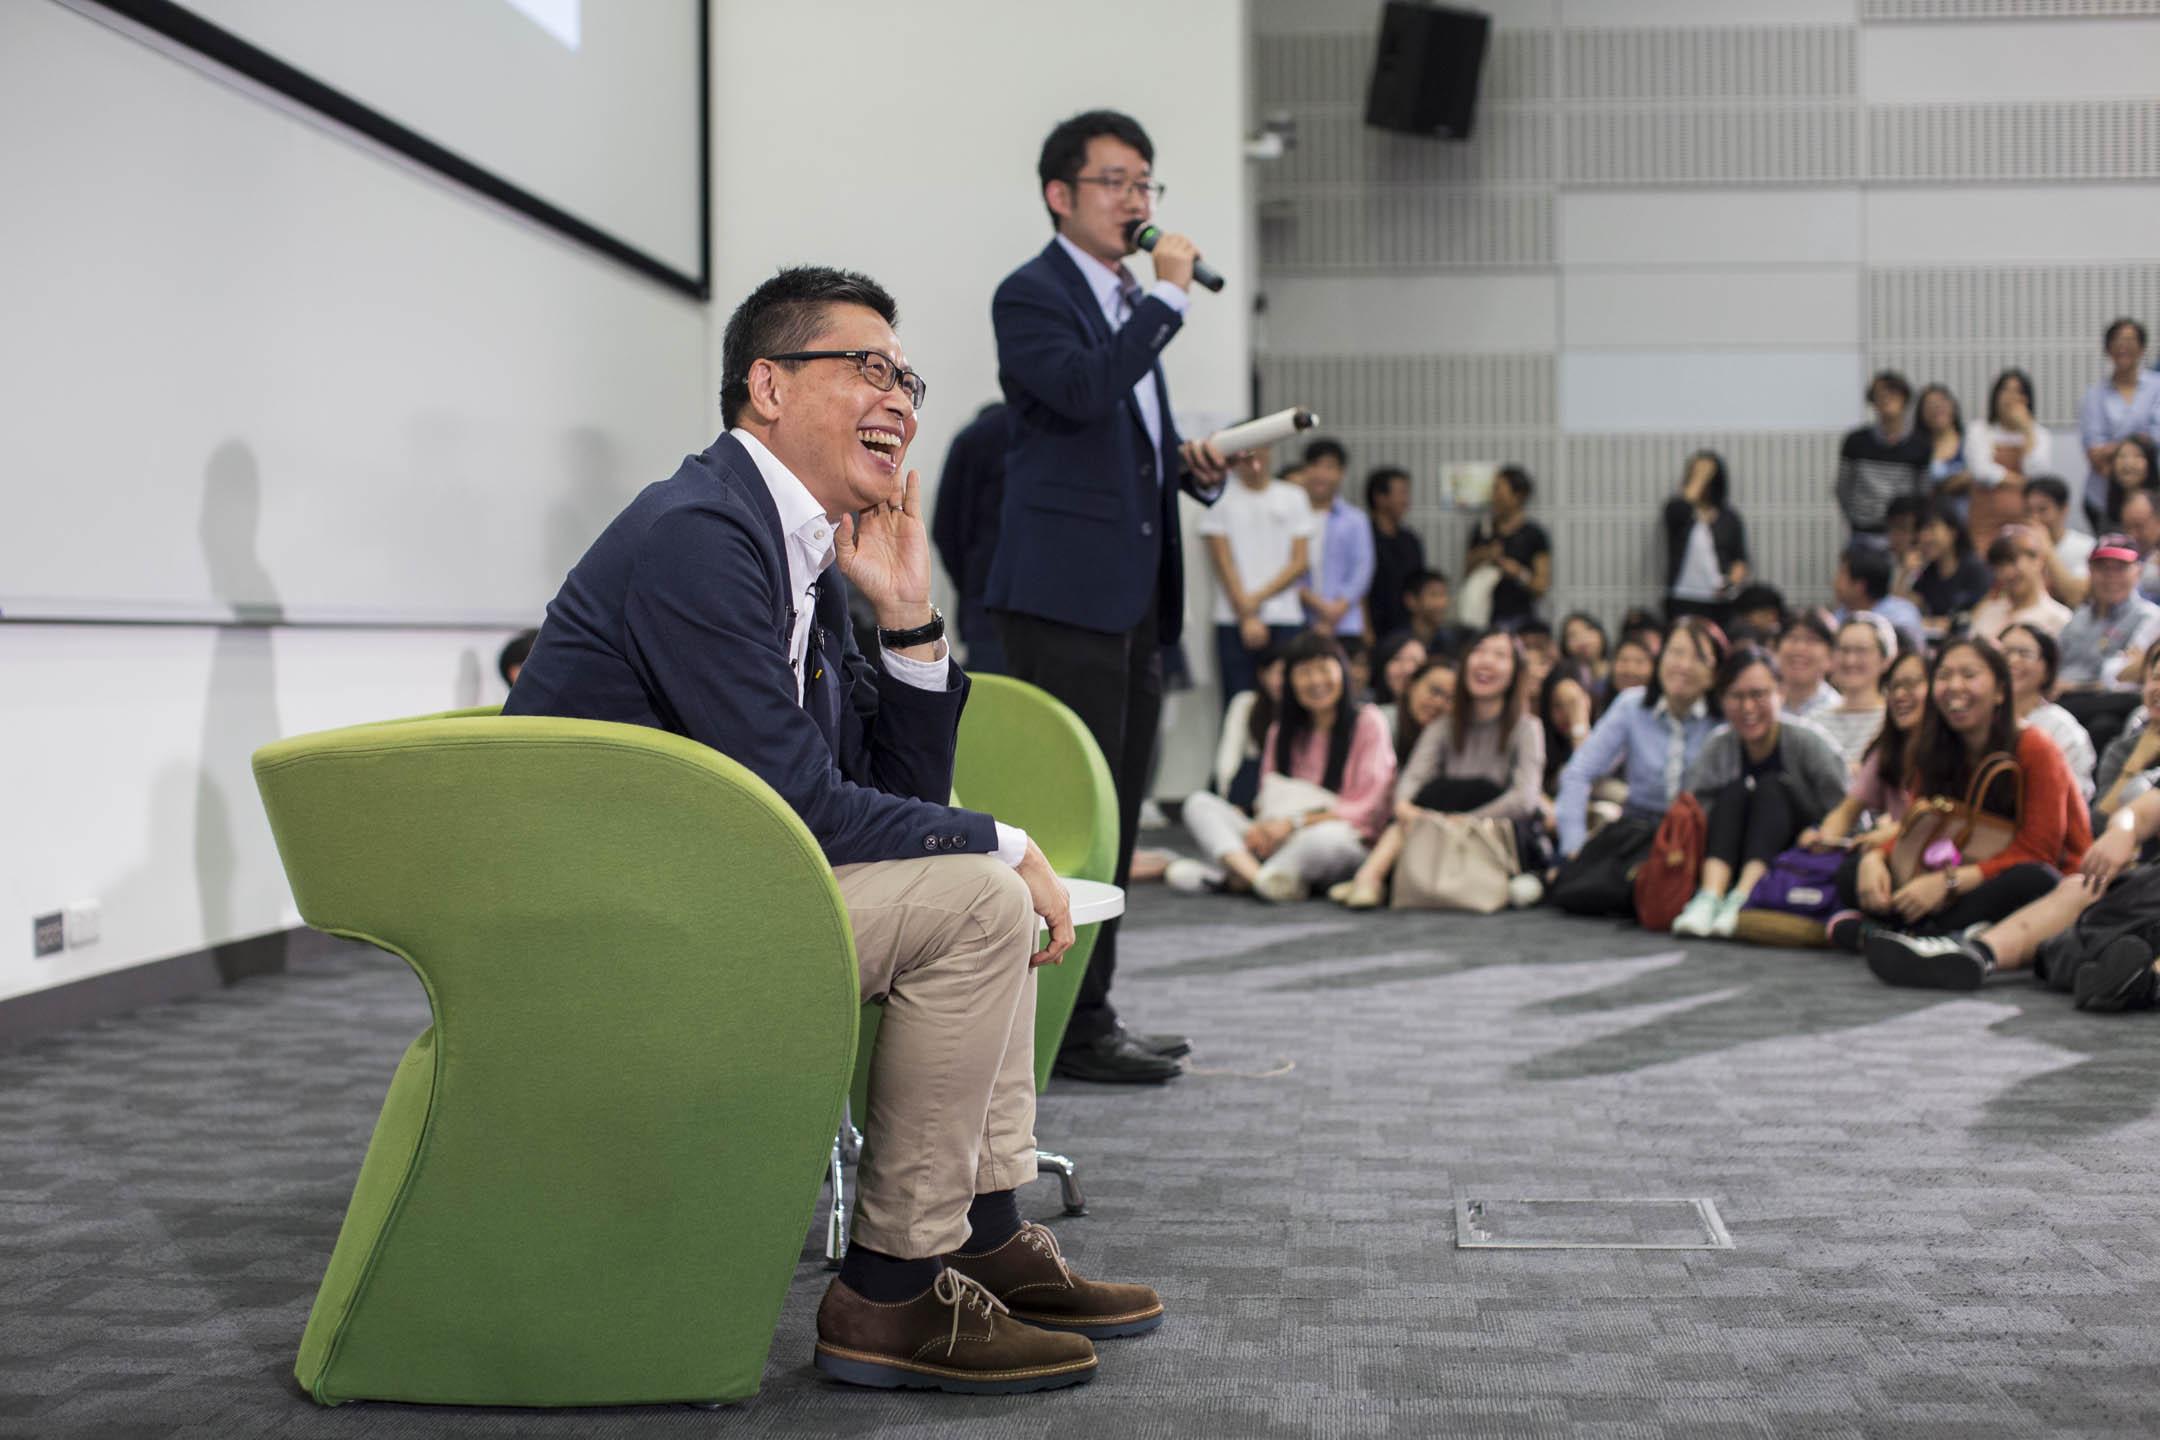 2018年11月14日,香港中文大學教授陳健民在中大舉行告別演講,現場有逾六百名師友、政界、社運人士及市民出席聽課。 攝:林振東/端傳媒